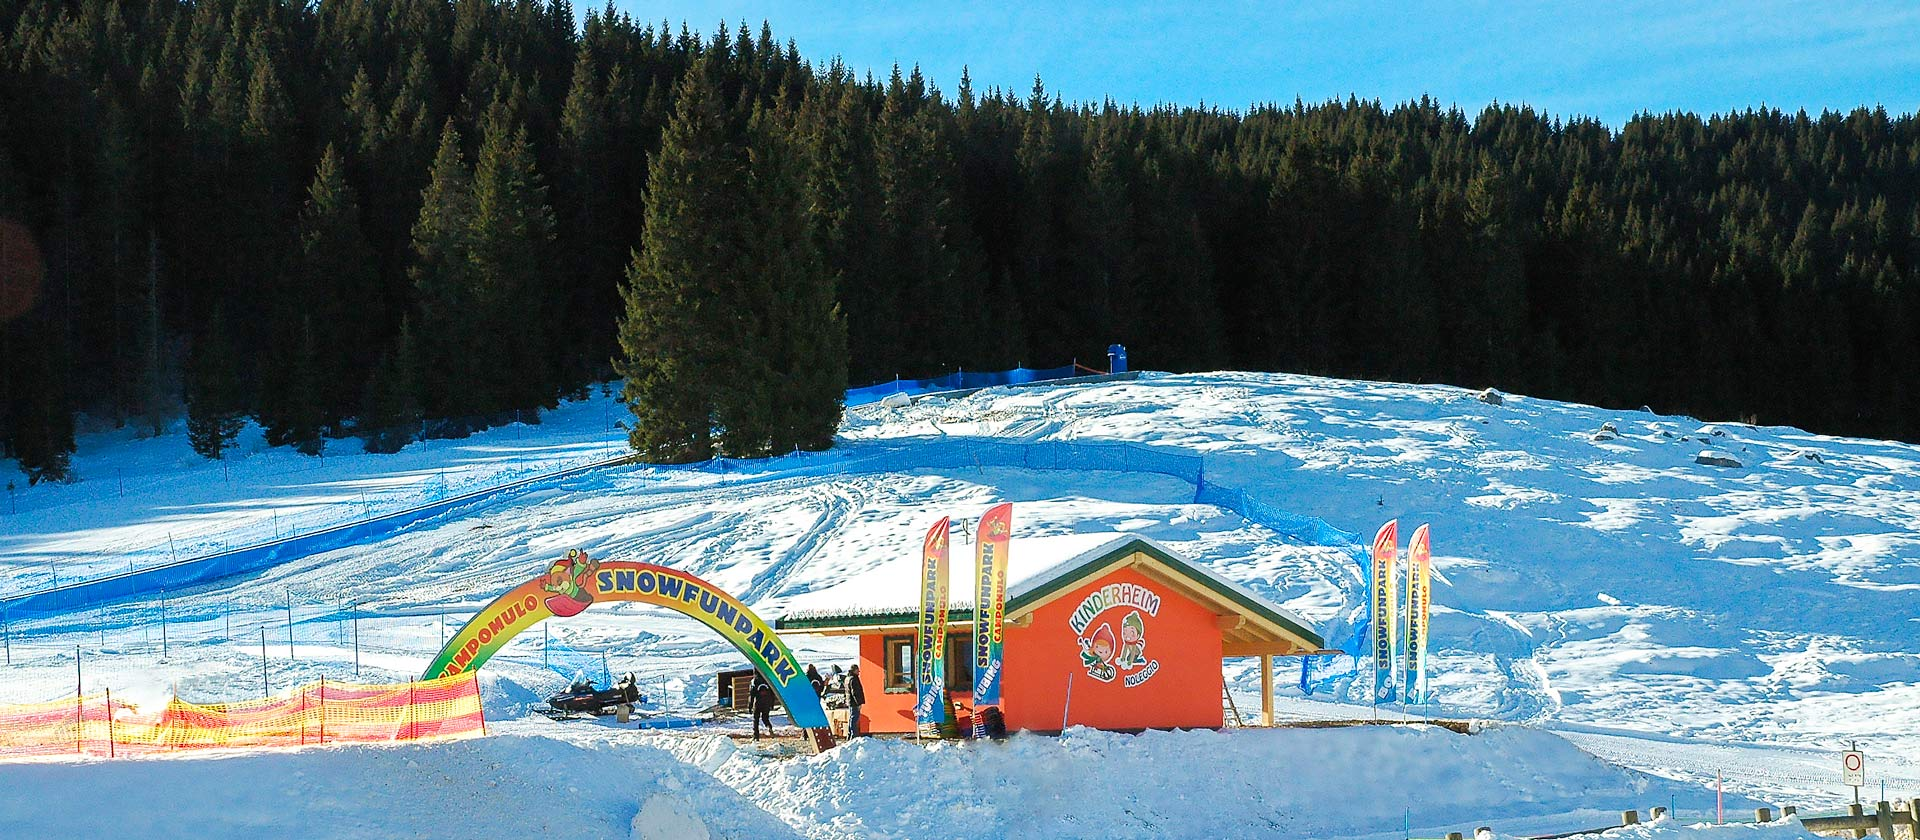 snowfun kinderheim